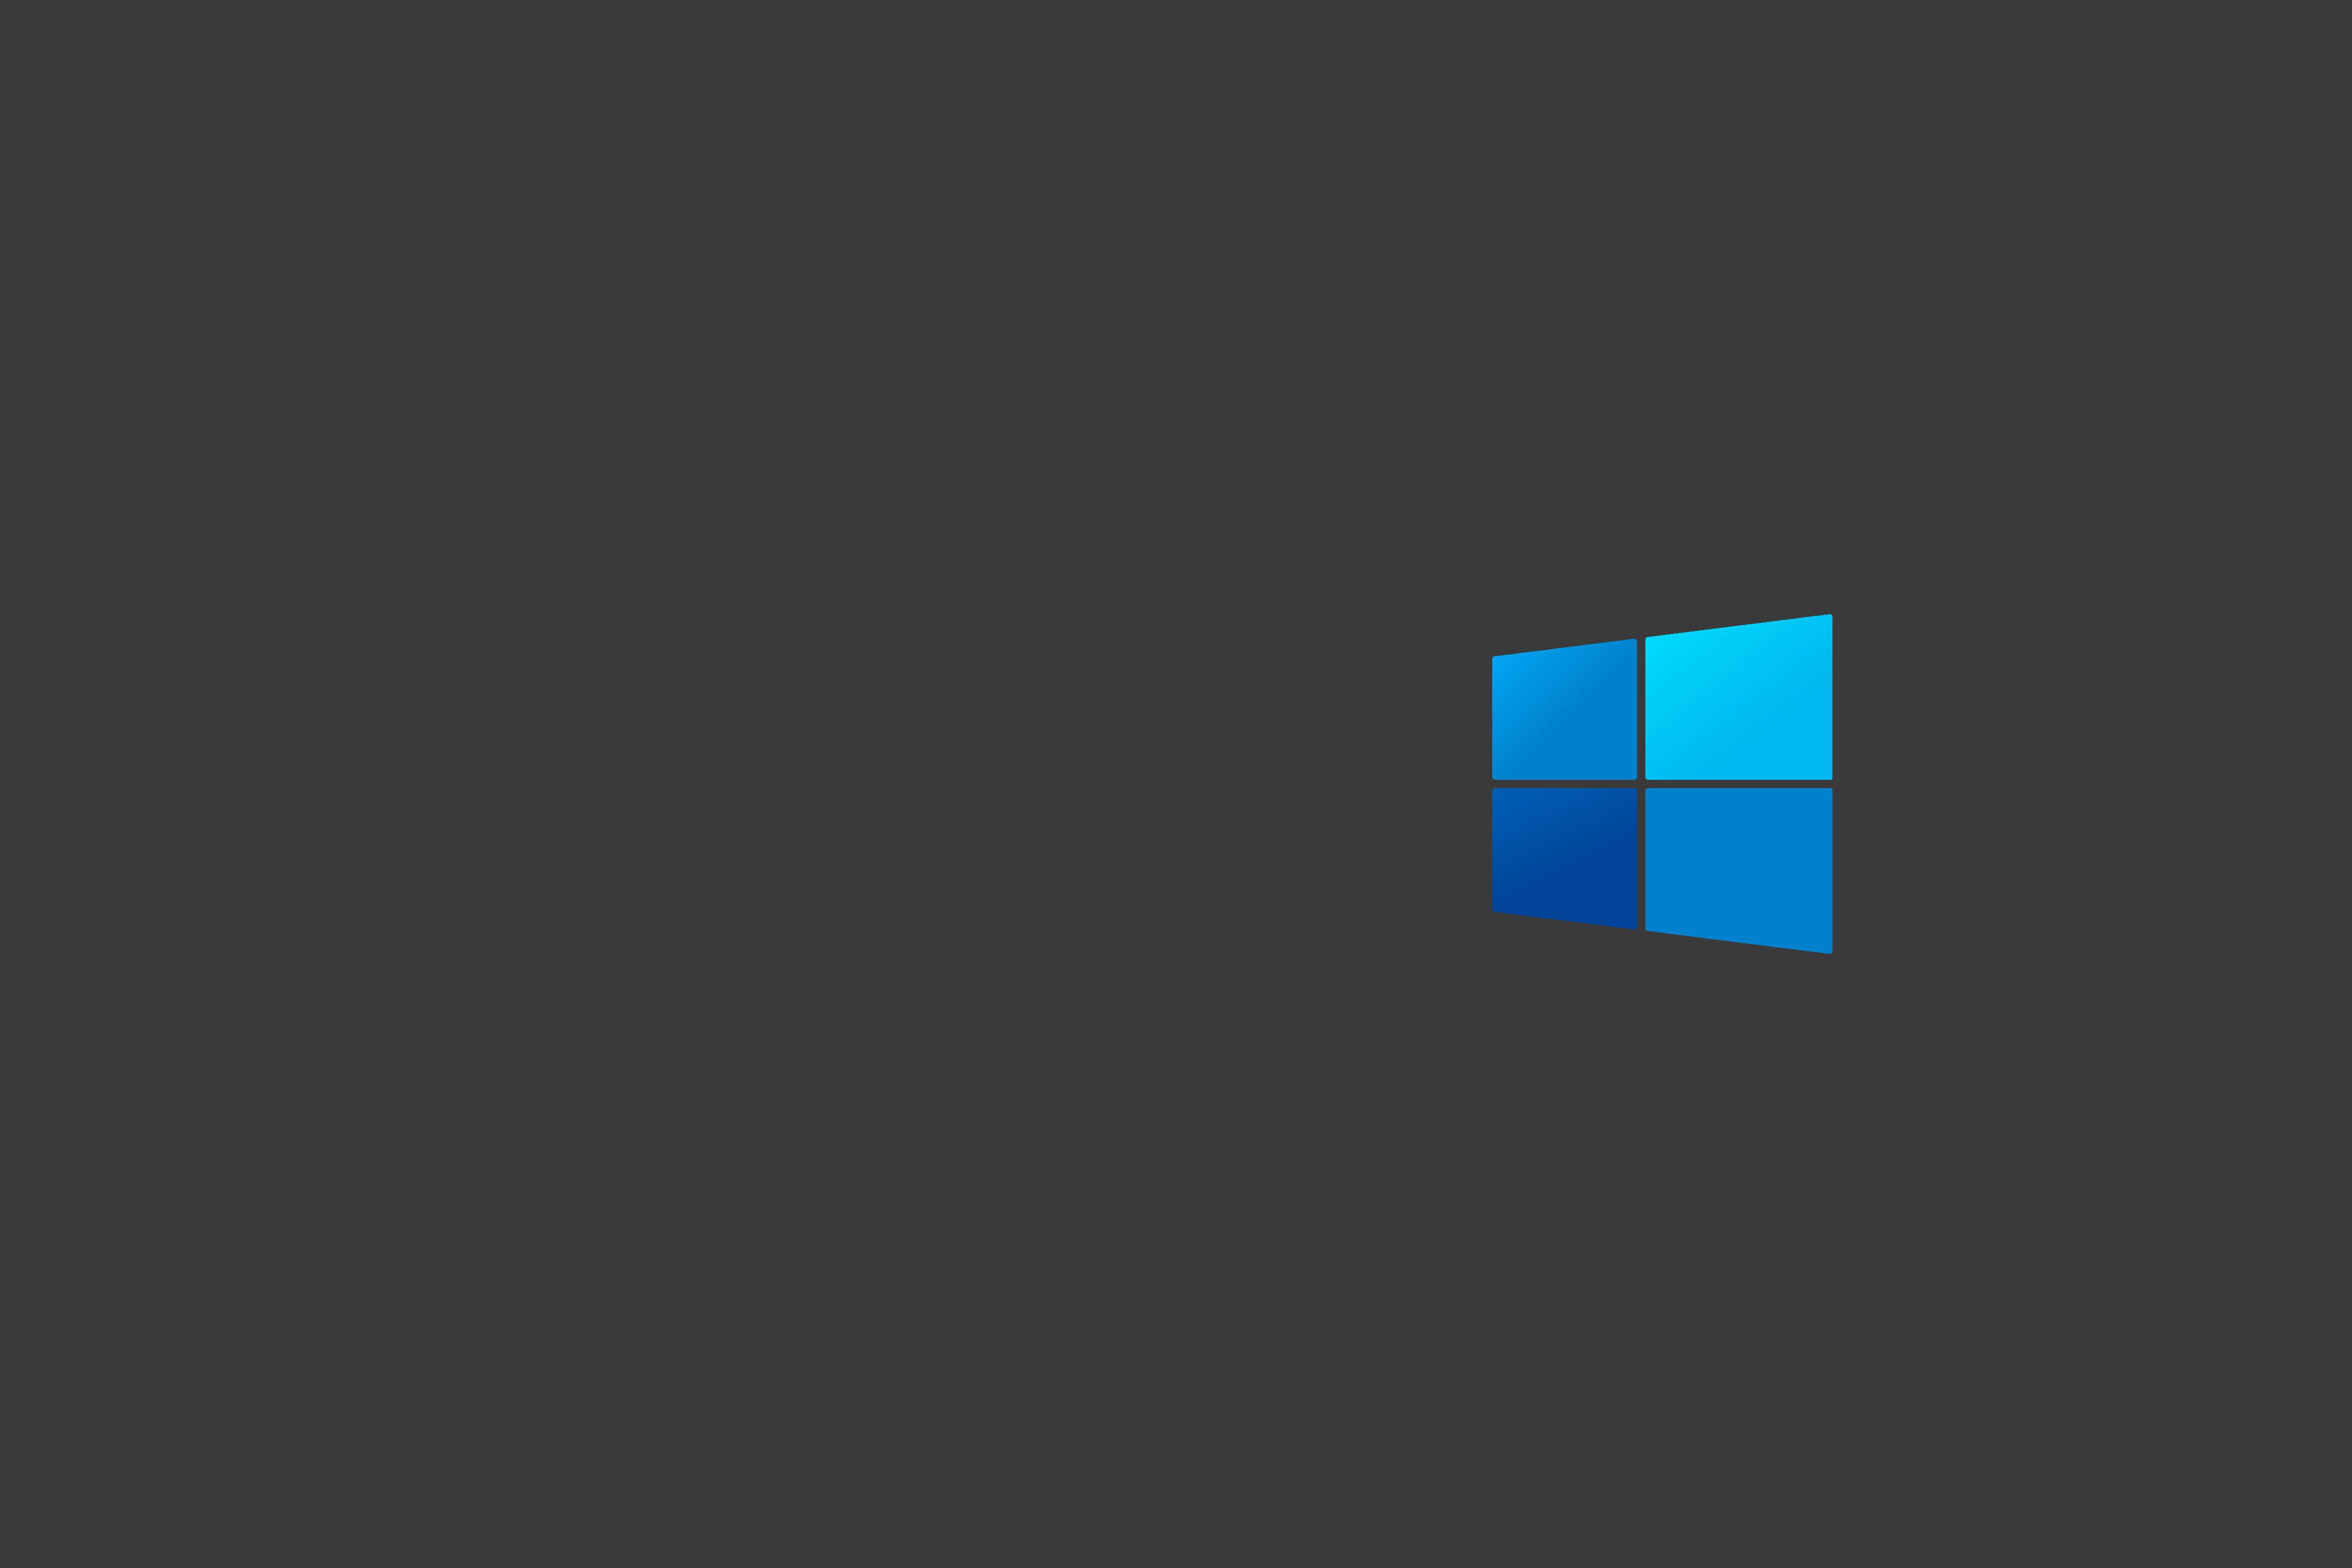 Windows 10X contará con una protección antirrobo - Microsofters